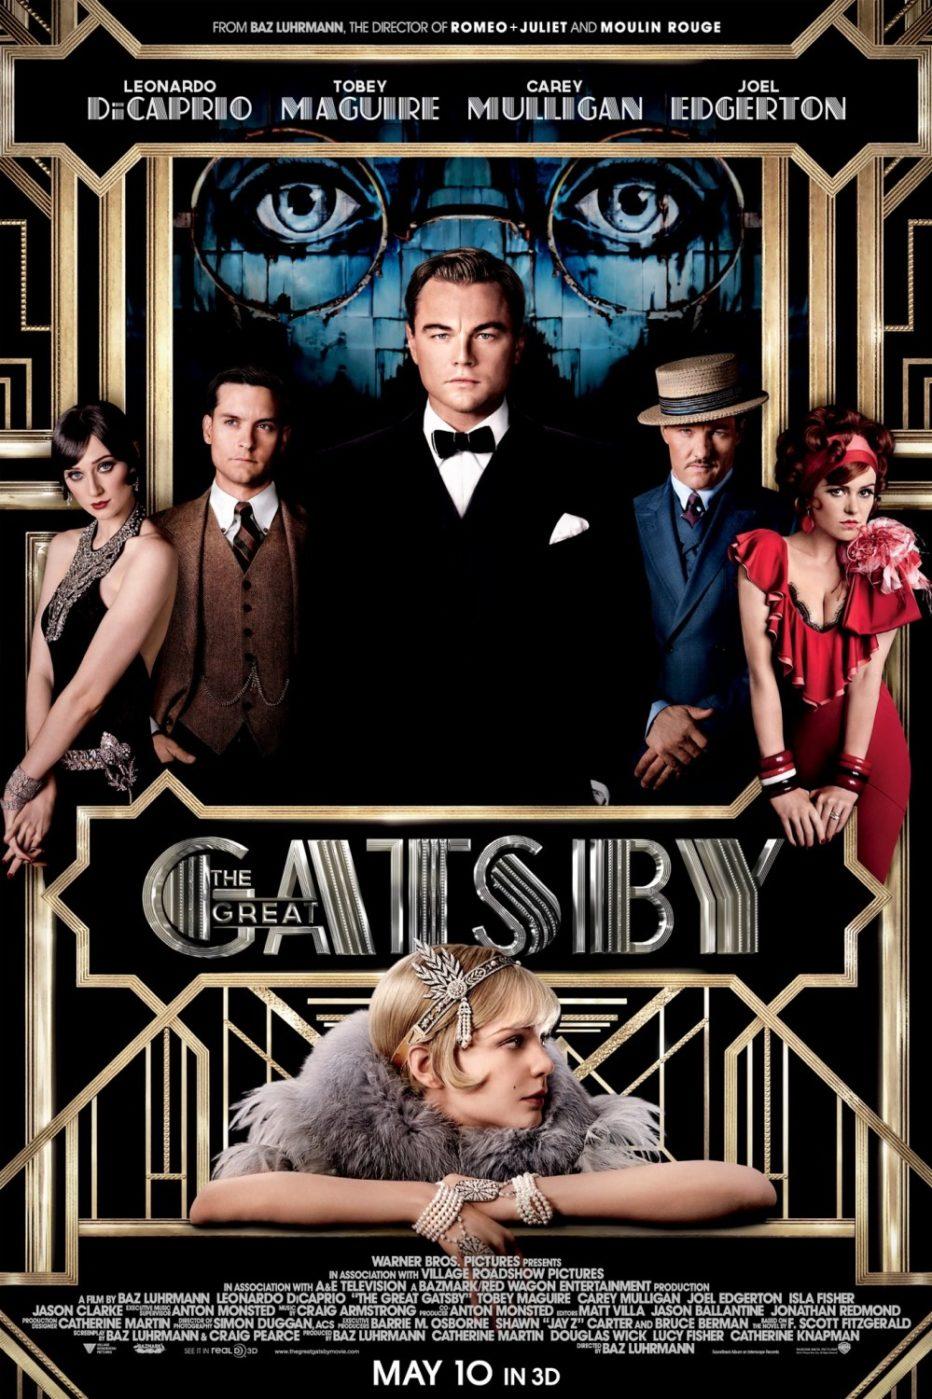 El Gran Gatsby: Luhrmann vs Luhrmann